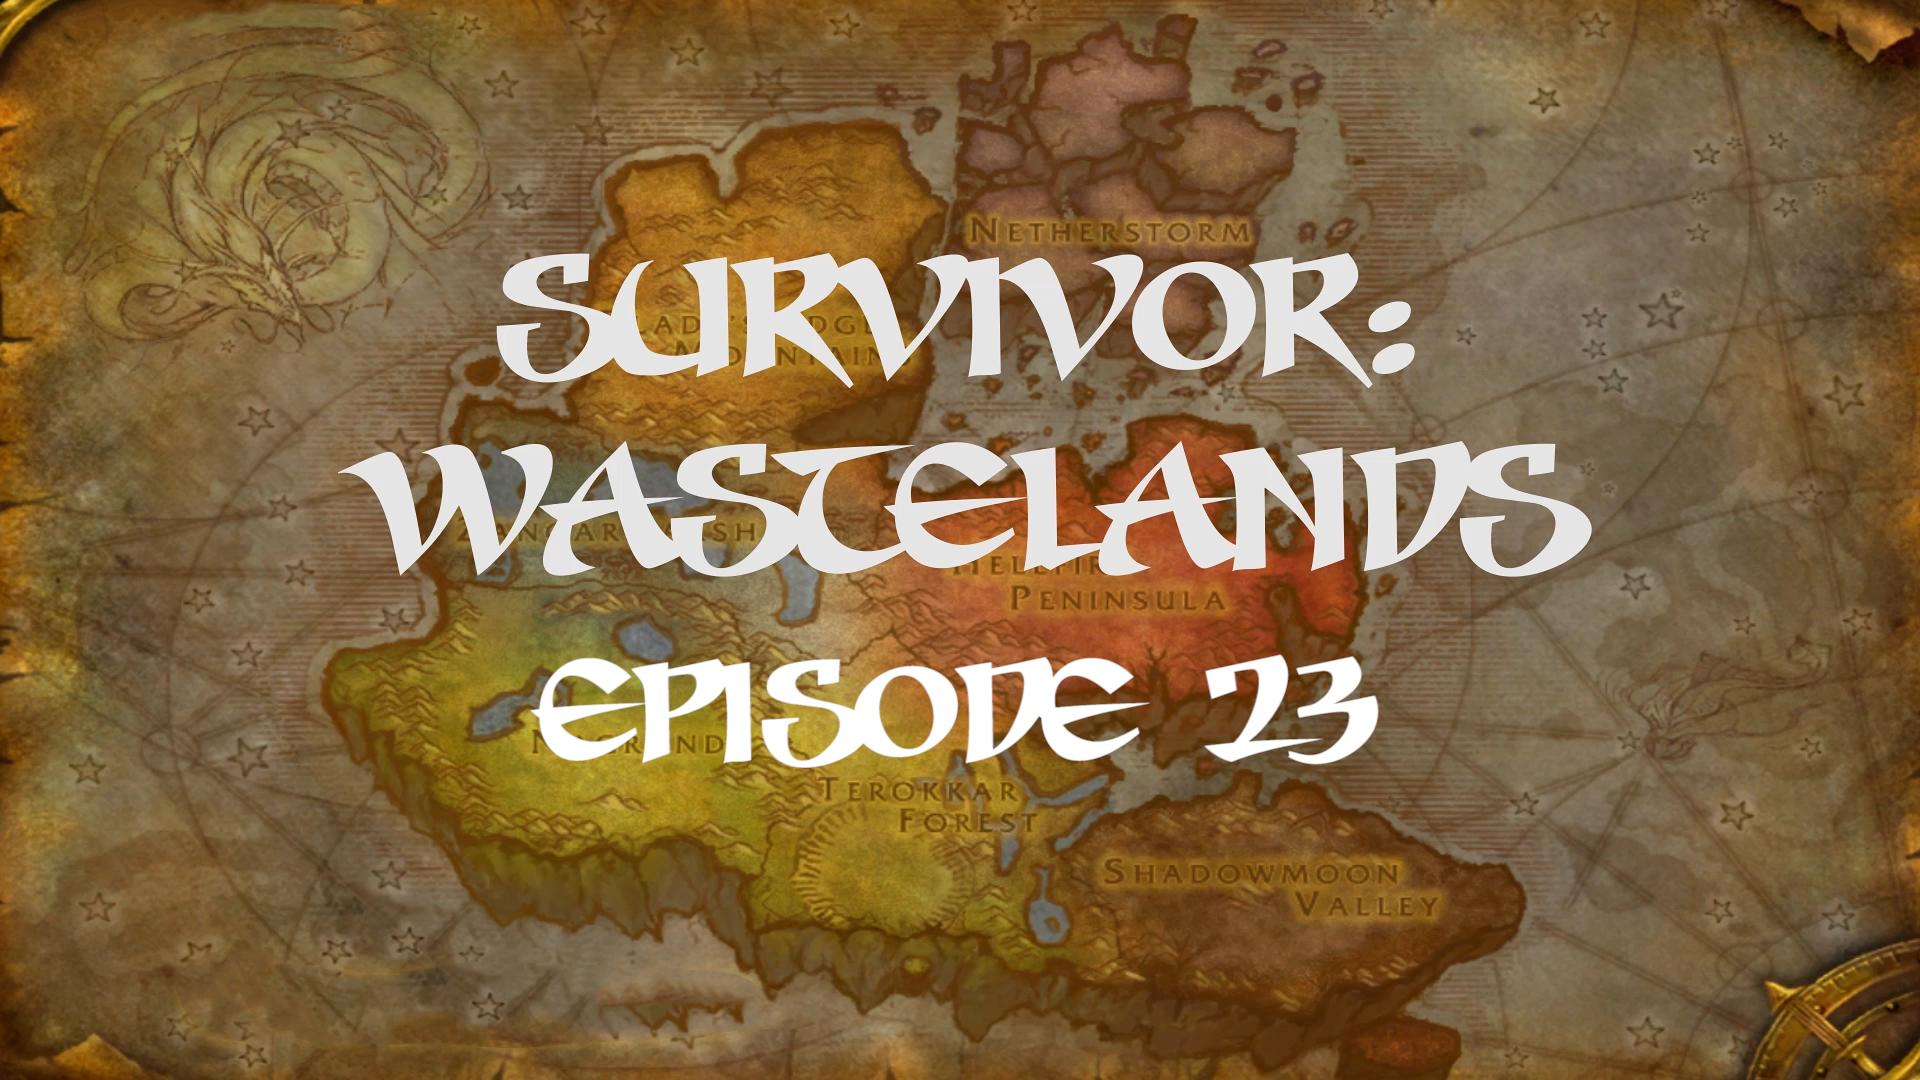 Survivor Wastelands Episode 23.jpg